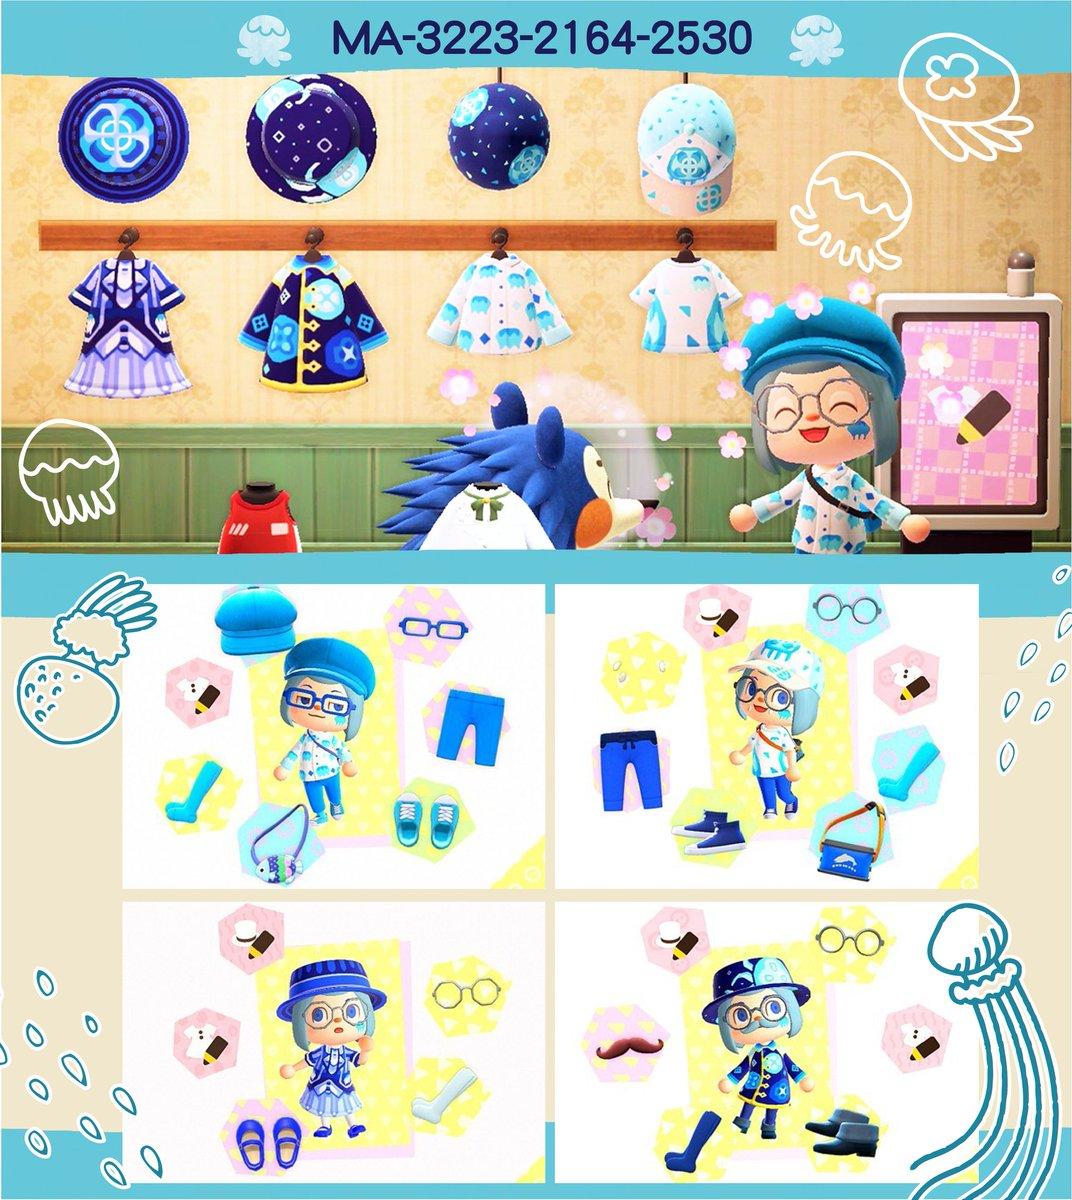 (:ミ 水母衣(:ミ畫了好幾件水母的衣服🎶🎶水母真可愛♥-#水母 #海月 #クラゲ #jellyfish-#動物森友會#あつまれどうぶつの森 #どうぶつの森#AnimalCrossing #ACNH -#マイデザイン #マイデザ#ACNHDesign#AnimalCrossingDesign #ACNHDesigns#AnimalCrossingDesigns